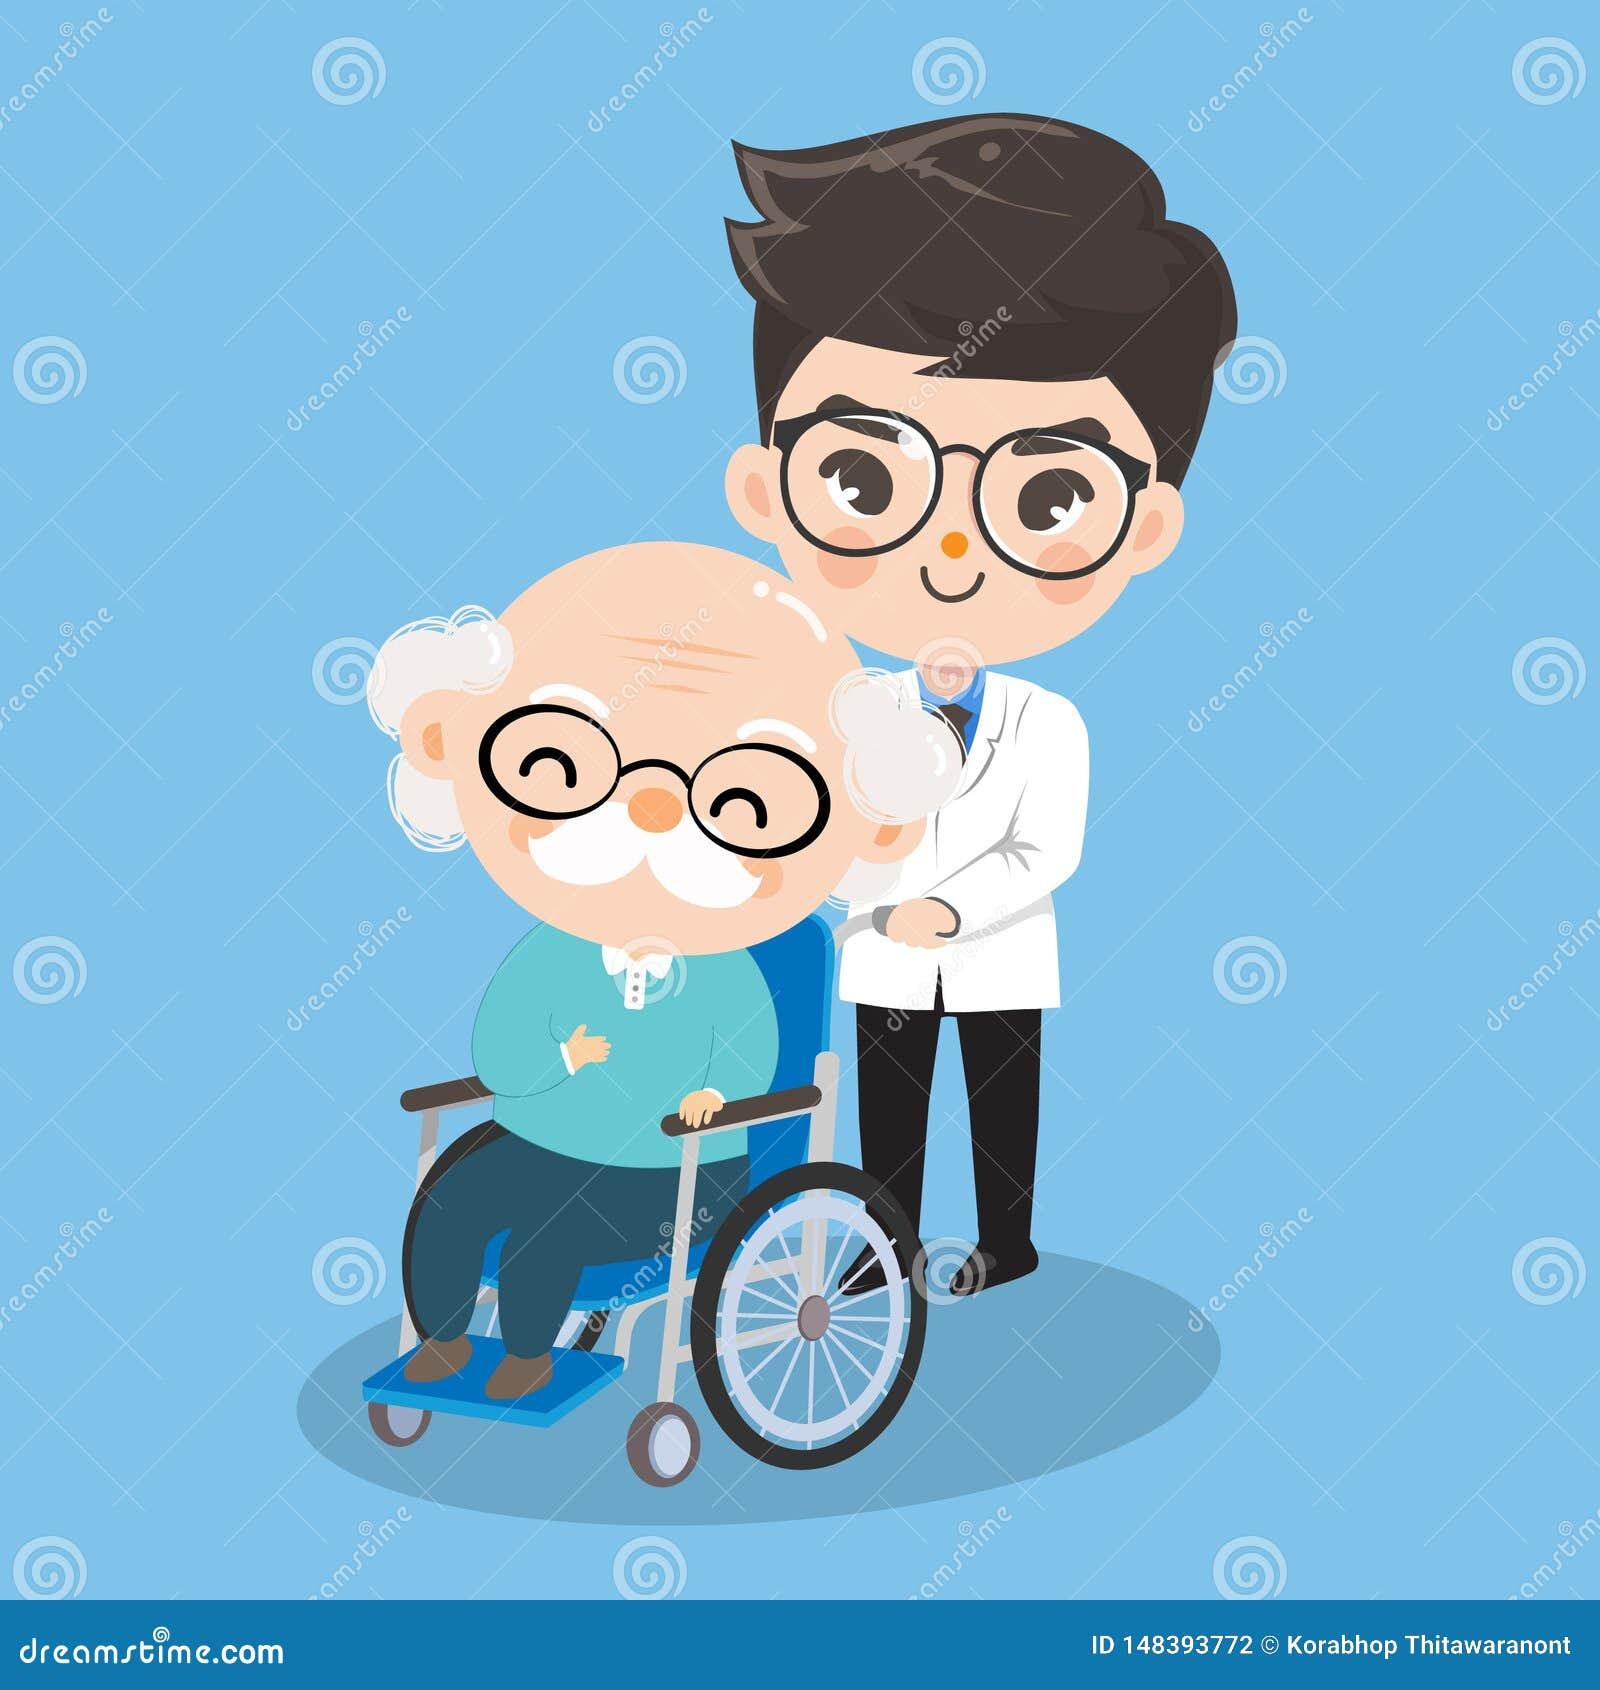 Der Jungendoktor kümmert sich um Patienten des alten Mannes mit Rollstühlen